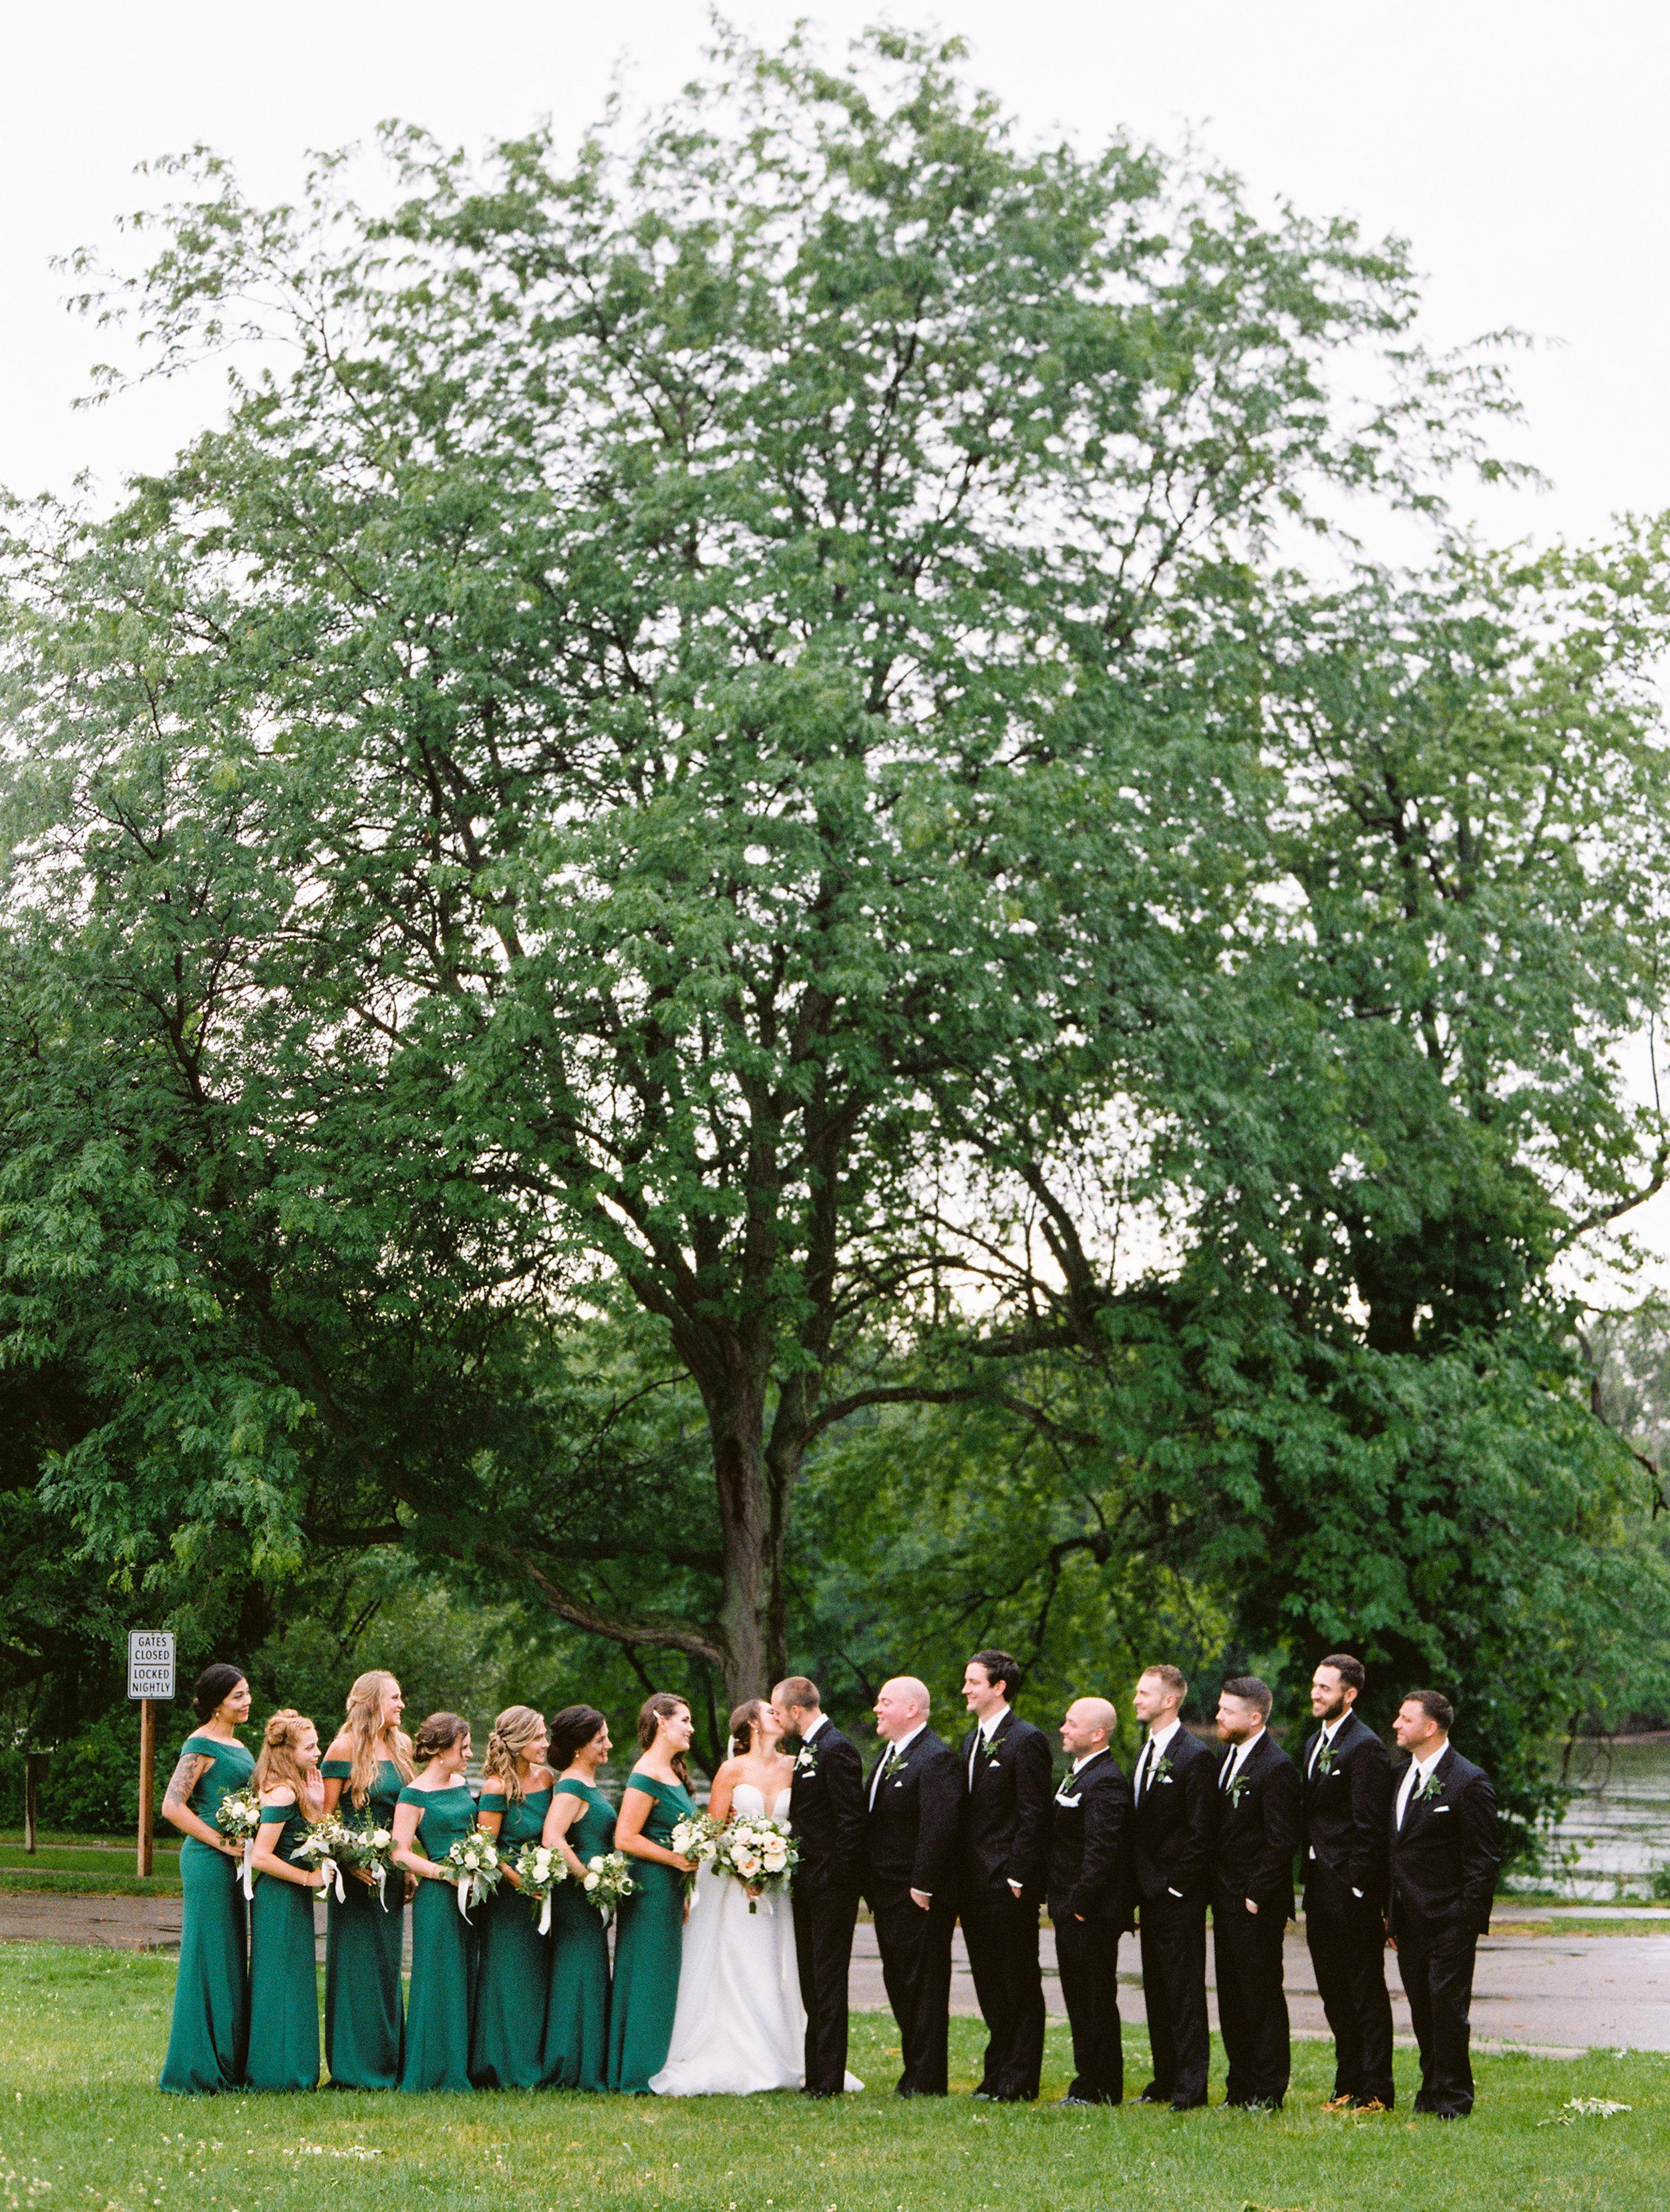 Steiner+Wedding+Bridal+Party-45.jpg